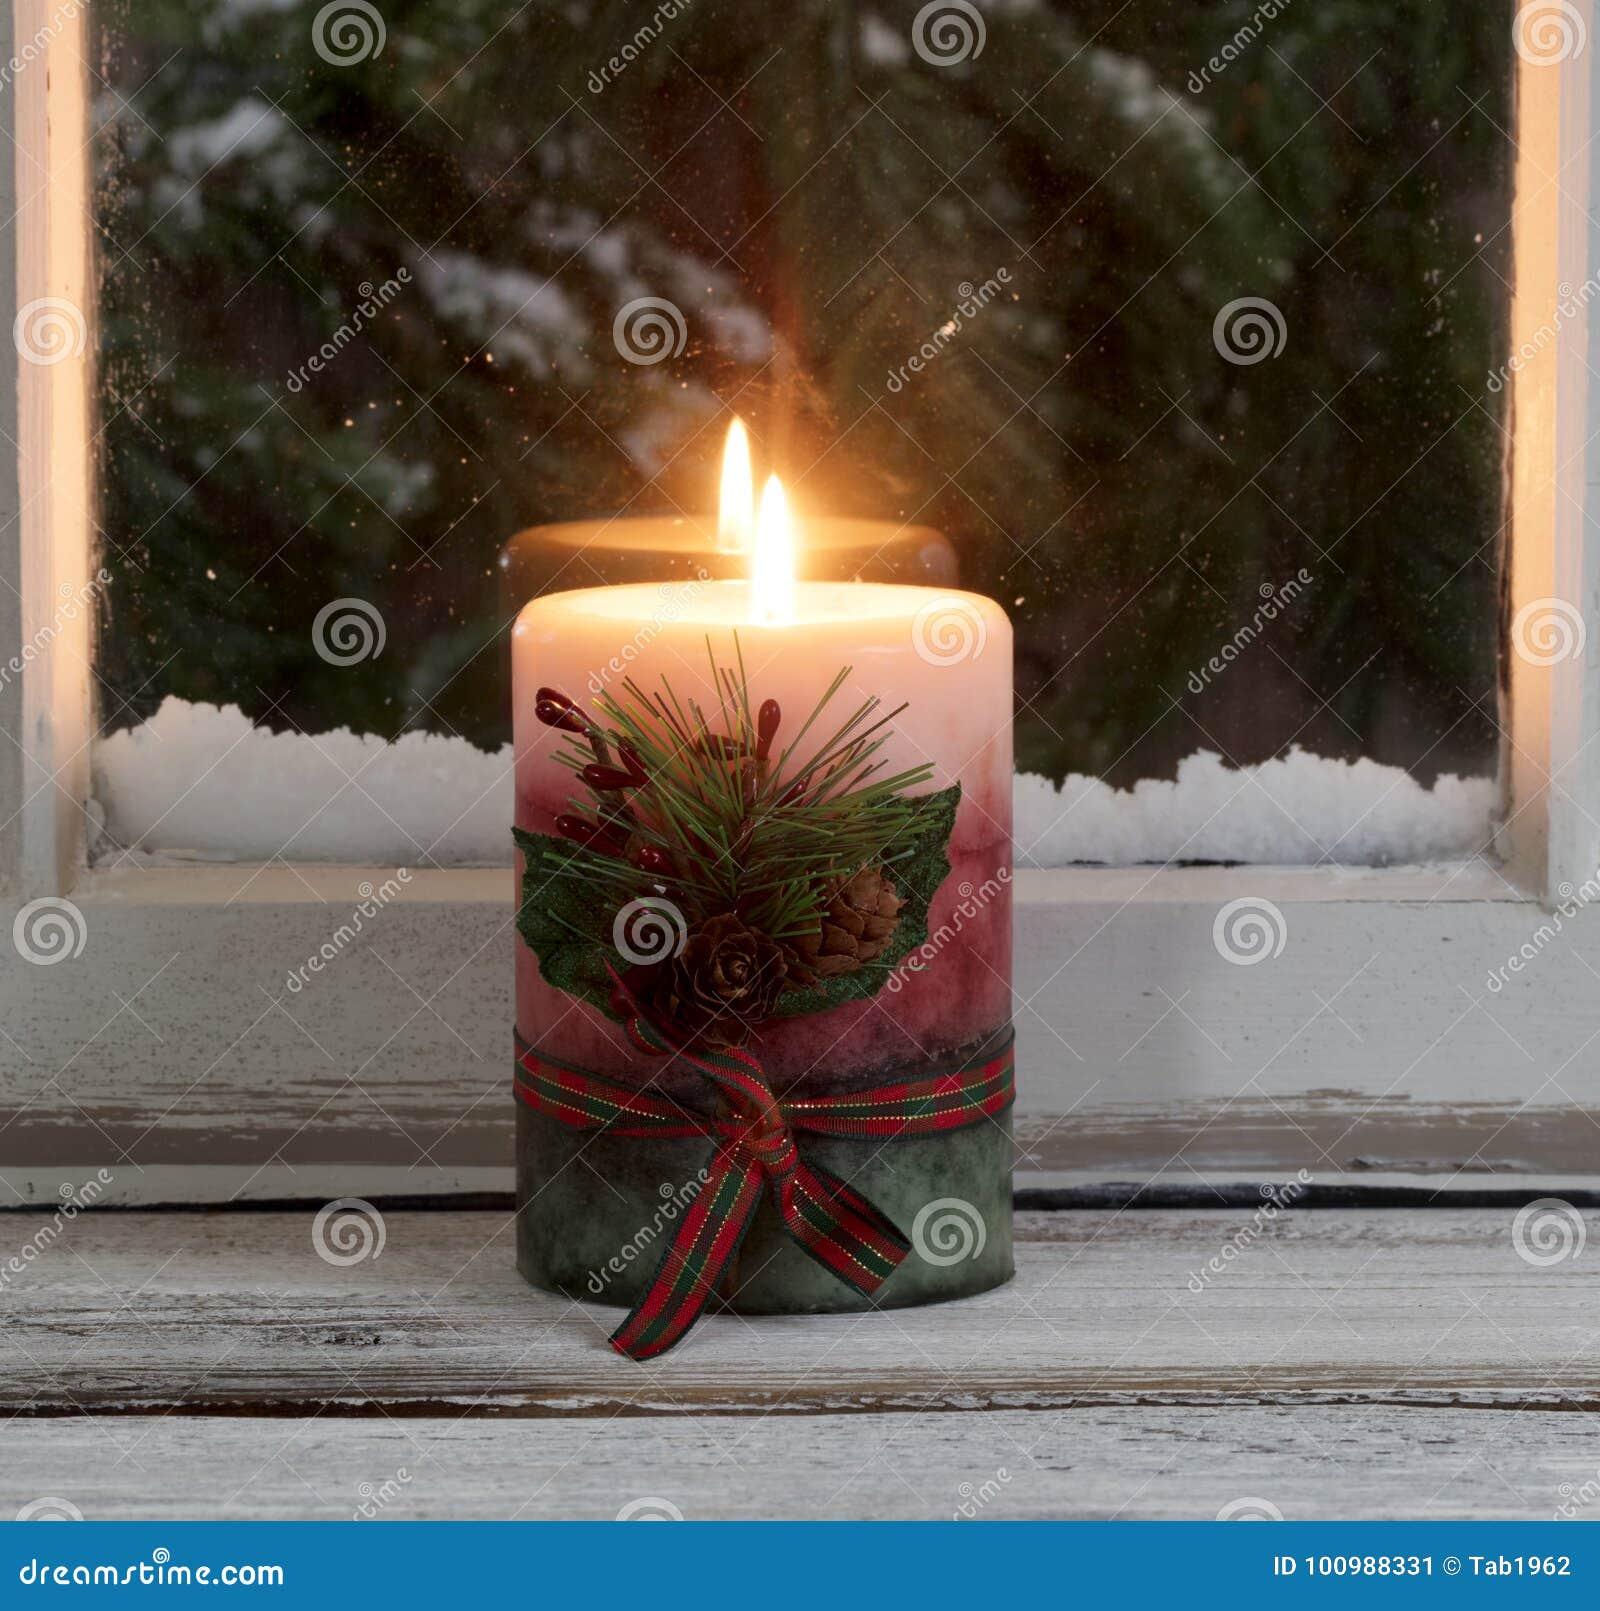 Bożenarodzeniowa świeczka jarzy się na nadokiennym parapecie z śnieżnym wiecznozielonym stanikiem